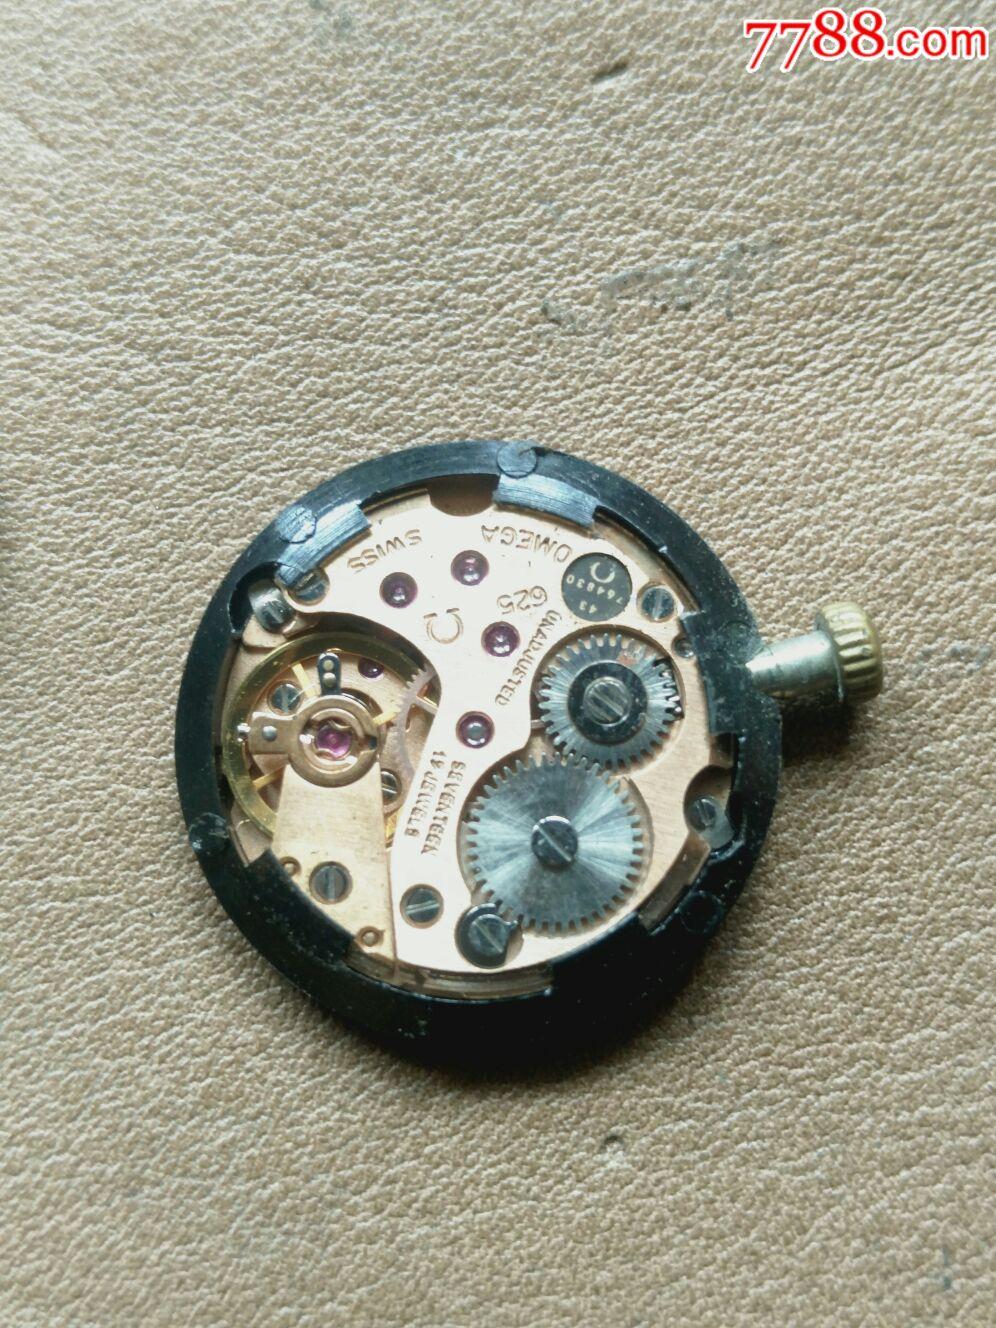 欧米茄625机芯-au19166876-手表/腕表-加价-7788收藏_图片